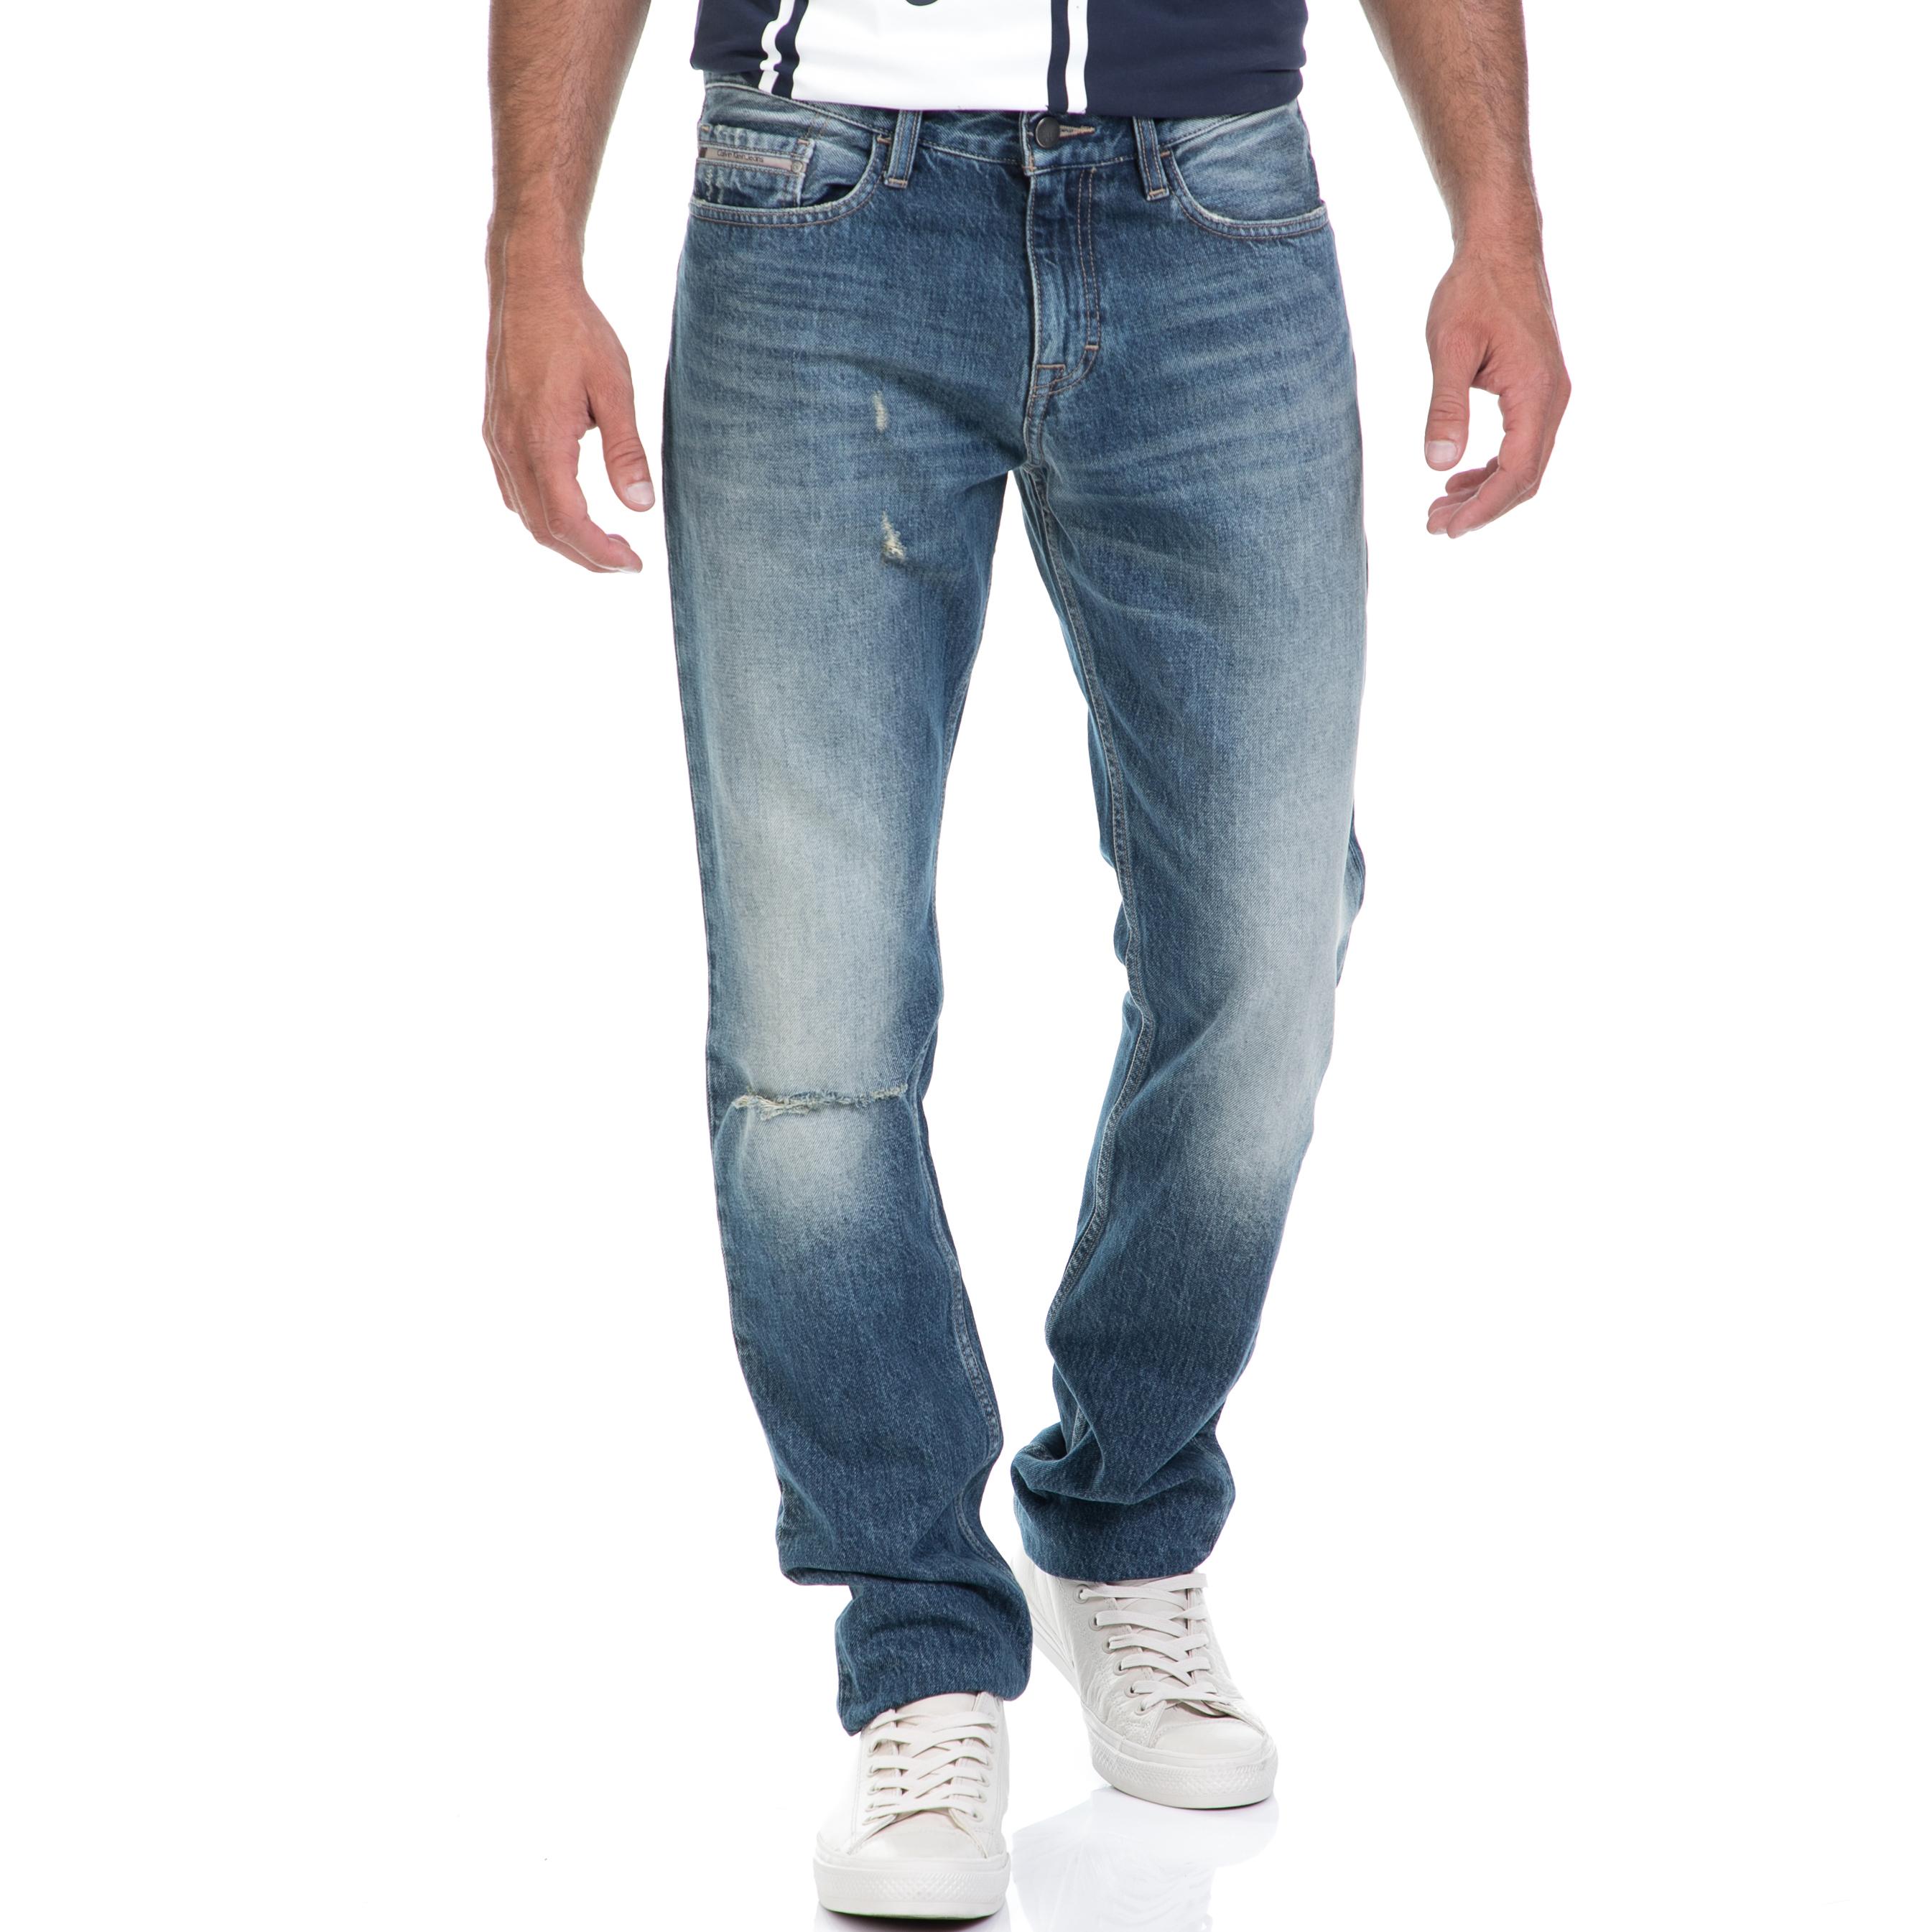 CALVIN KLEIN JEANS - Αντρικό τζιν παντελόνι CALVIN KLEIN JEANS μπλε ανδρικά ρούχα παντελόνια jean